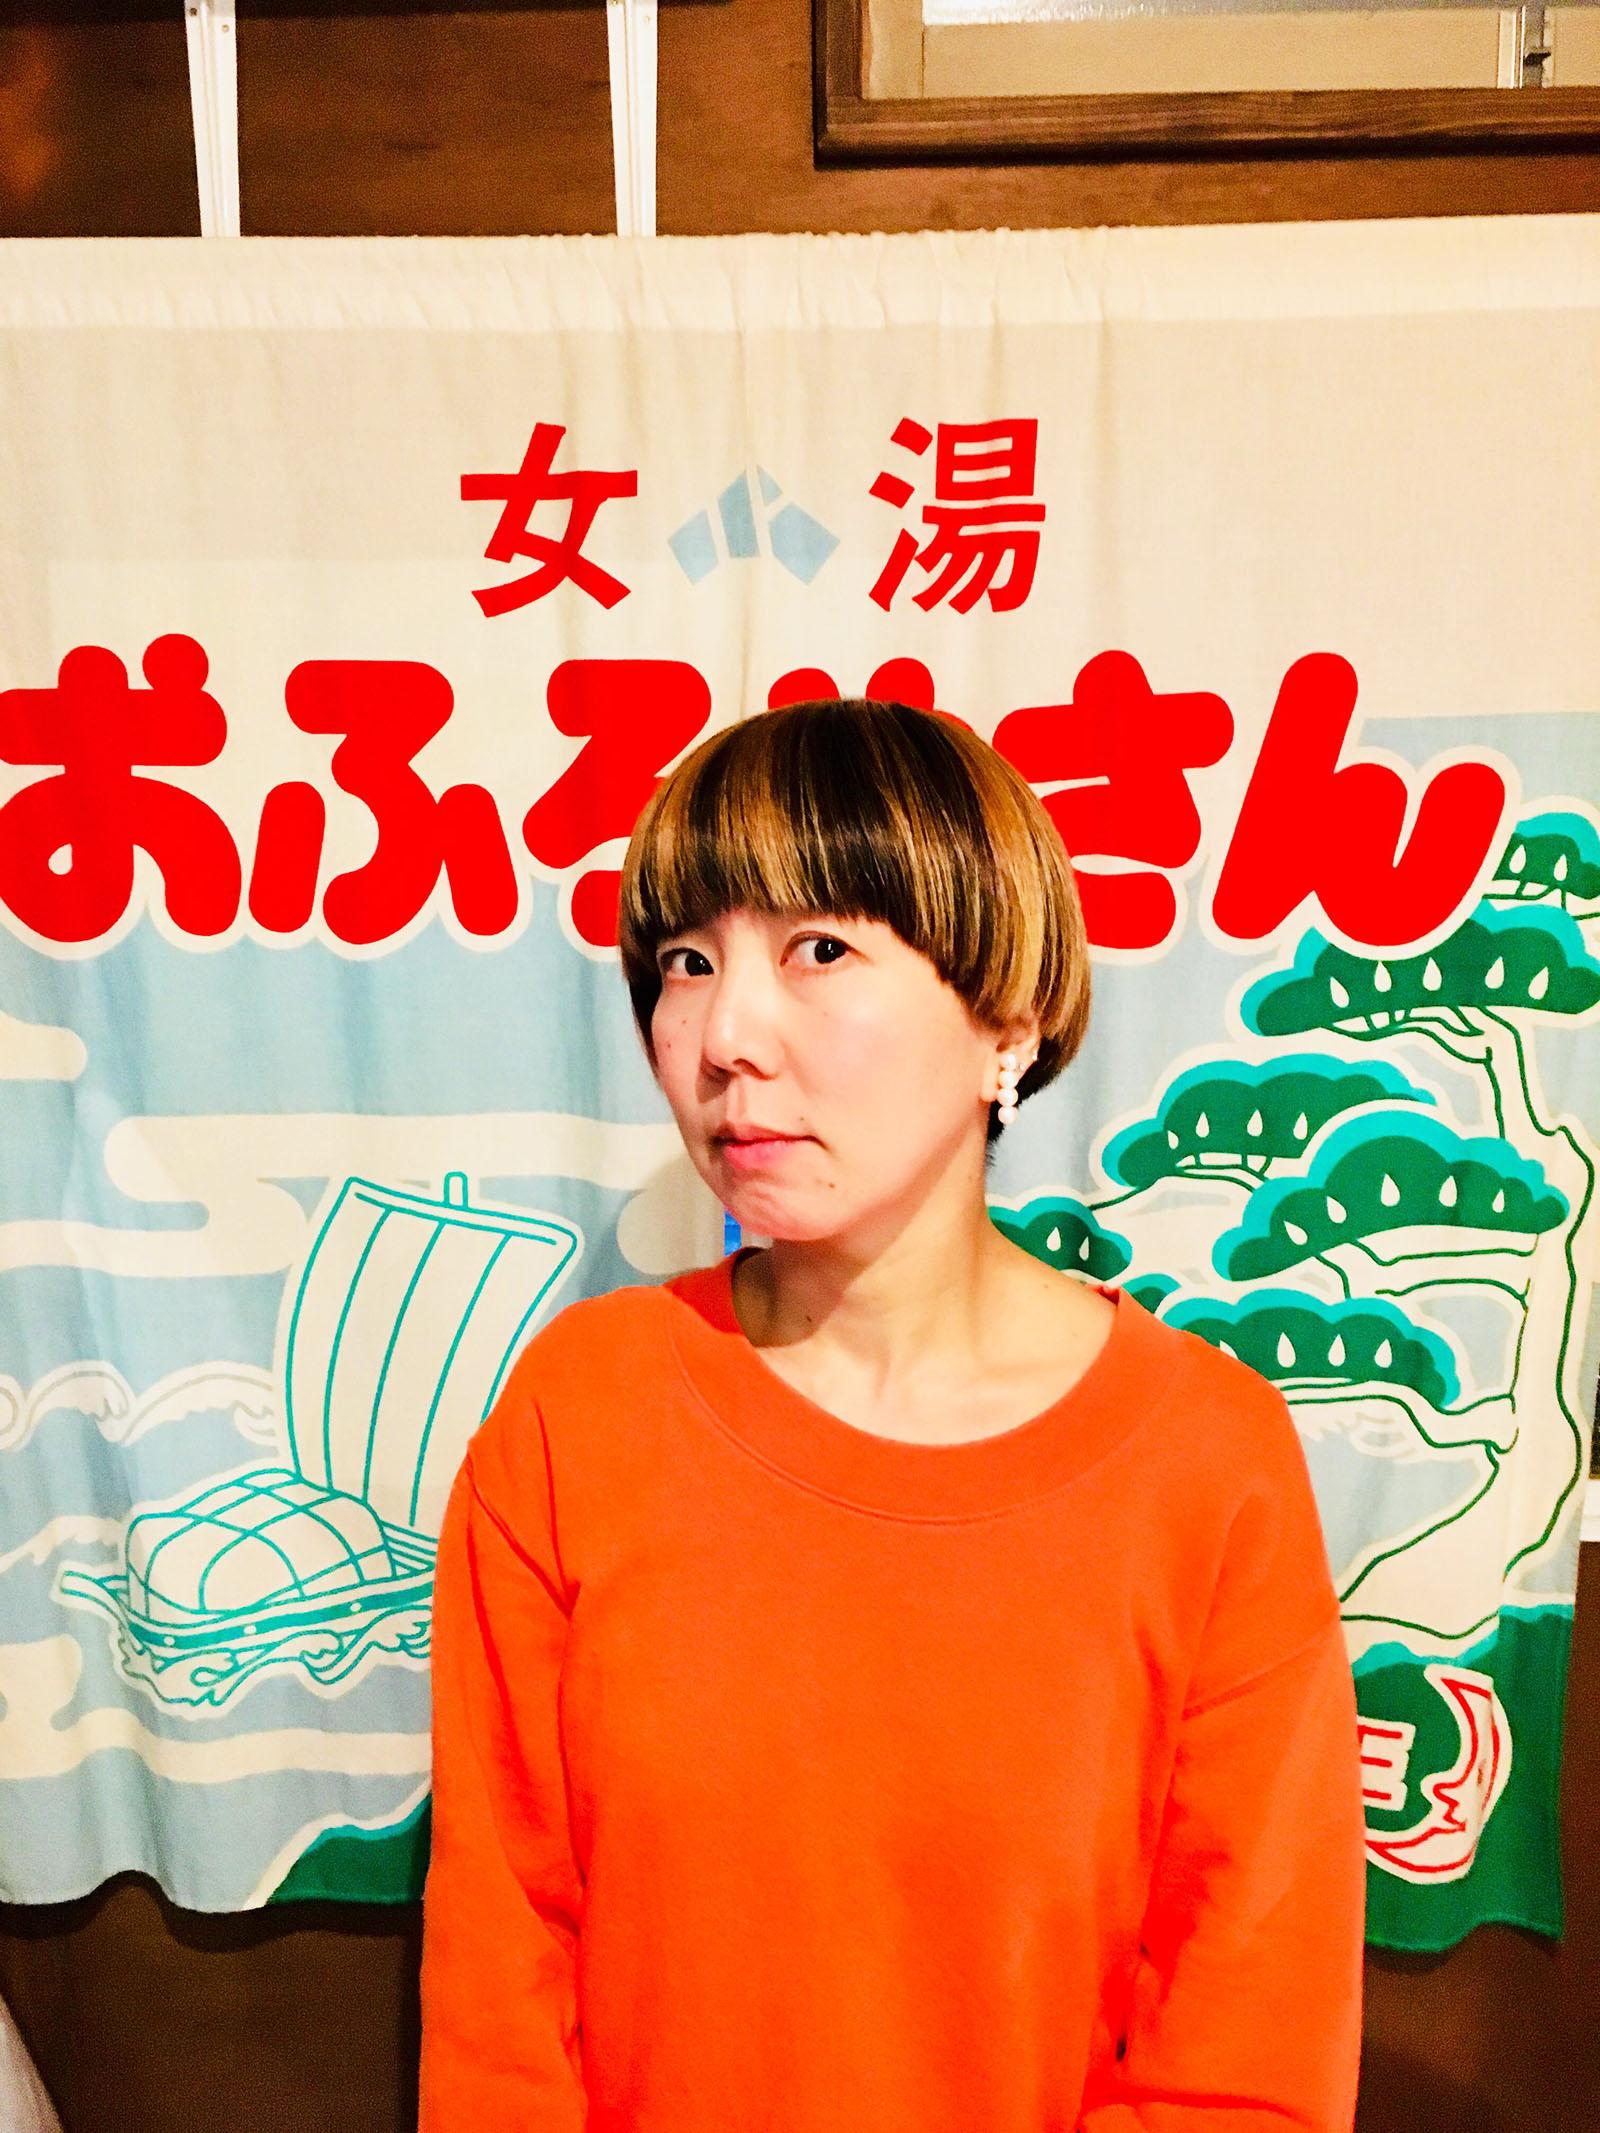 大阪日日新聞「澪標」金輪際セメ子 プロフィール